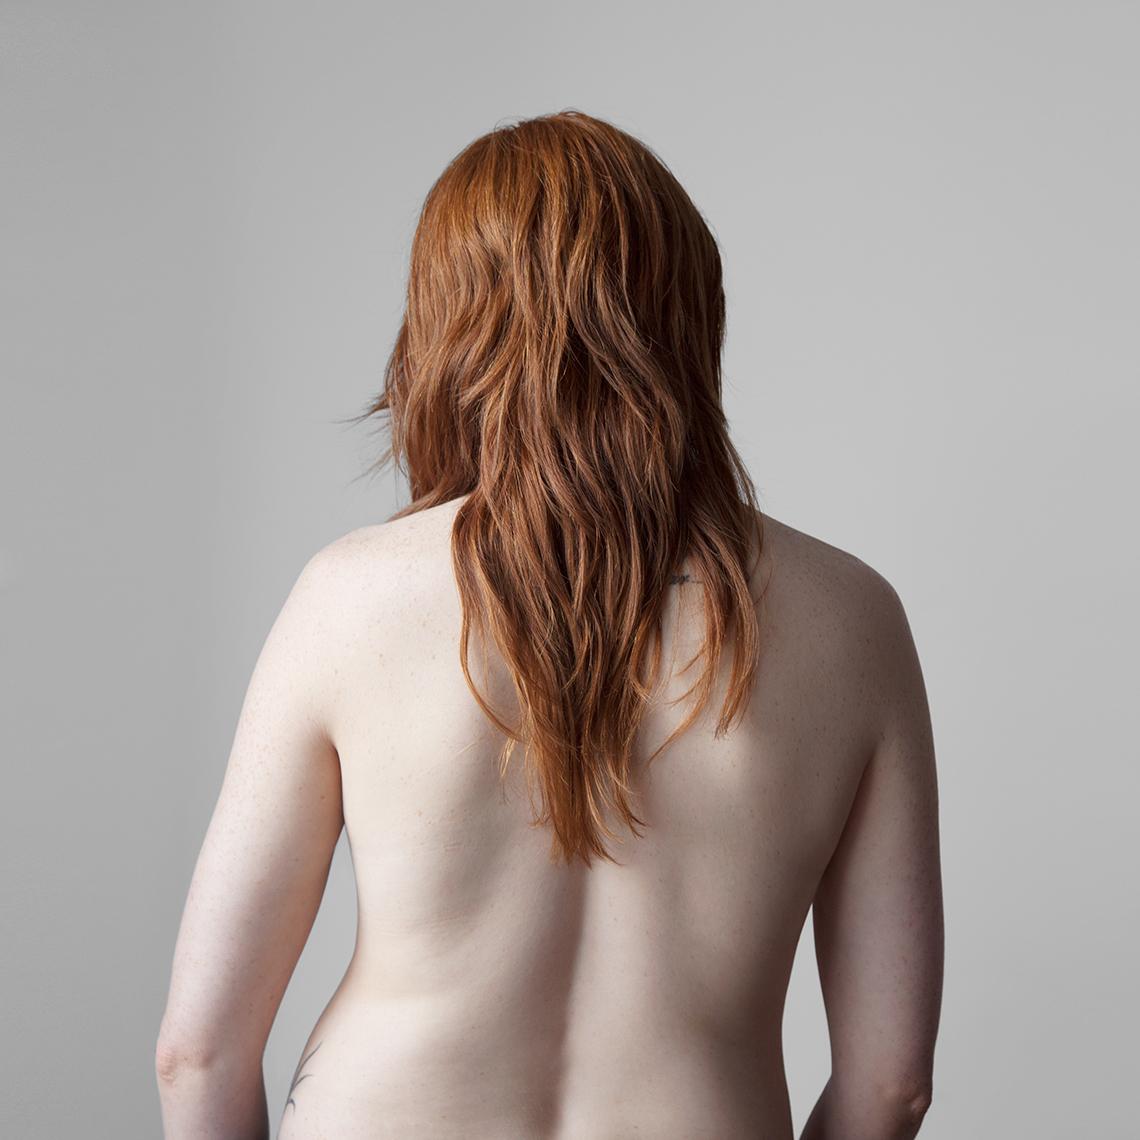 Las bellezas adolescentes siempre desnudas